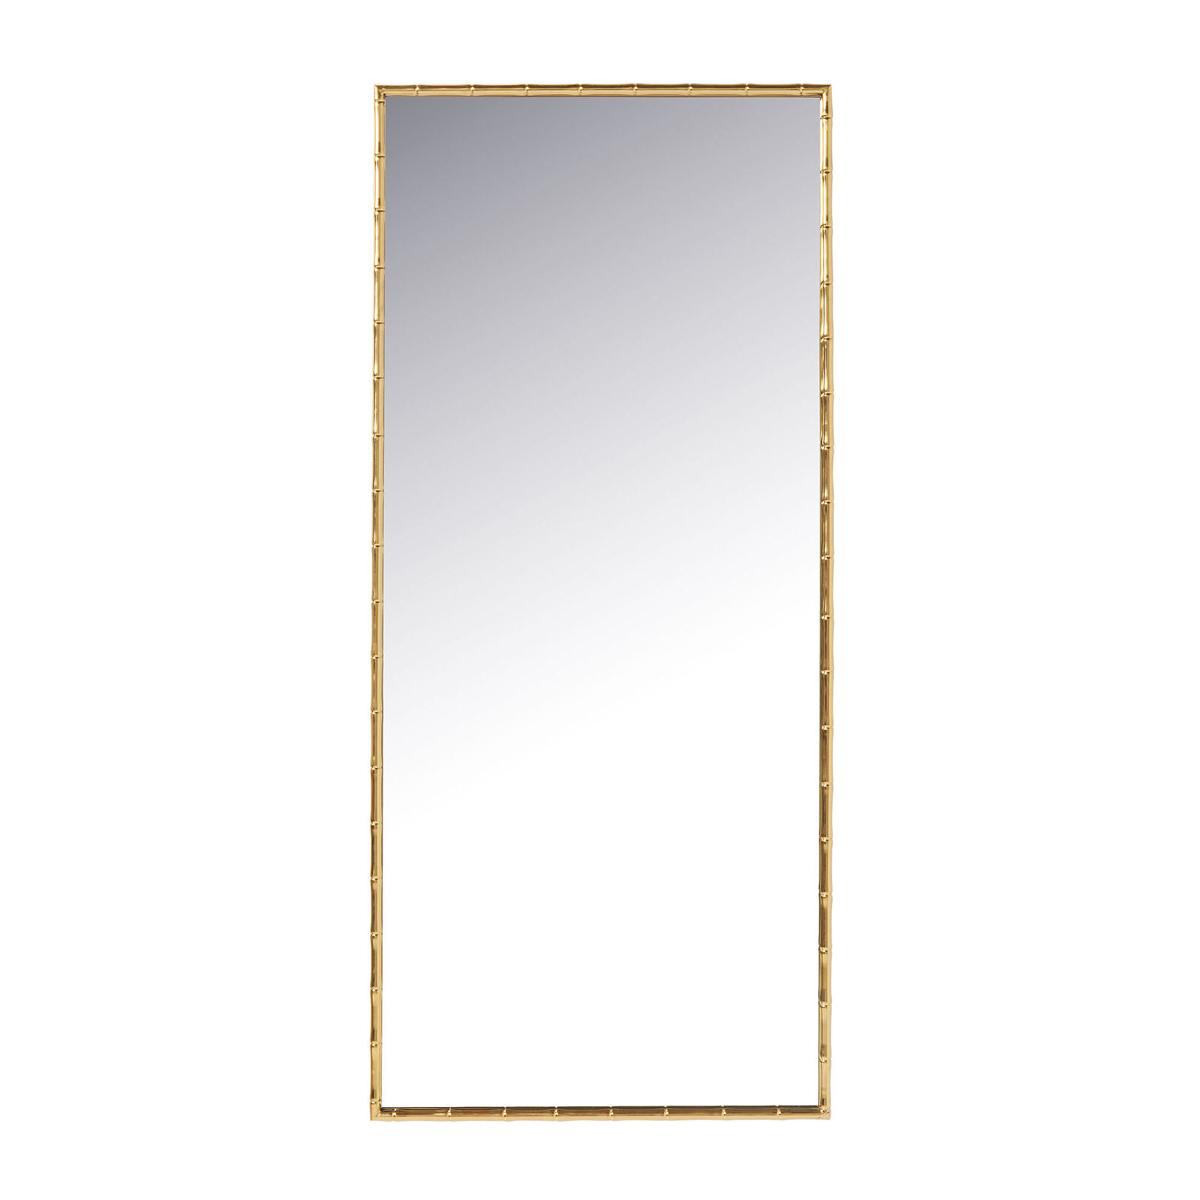 Verwonderlijk Kare Design Hipster Bamboo | Rechthoekige spiegel | 83808 | LUMZ UU-84